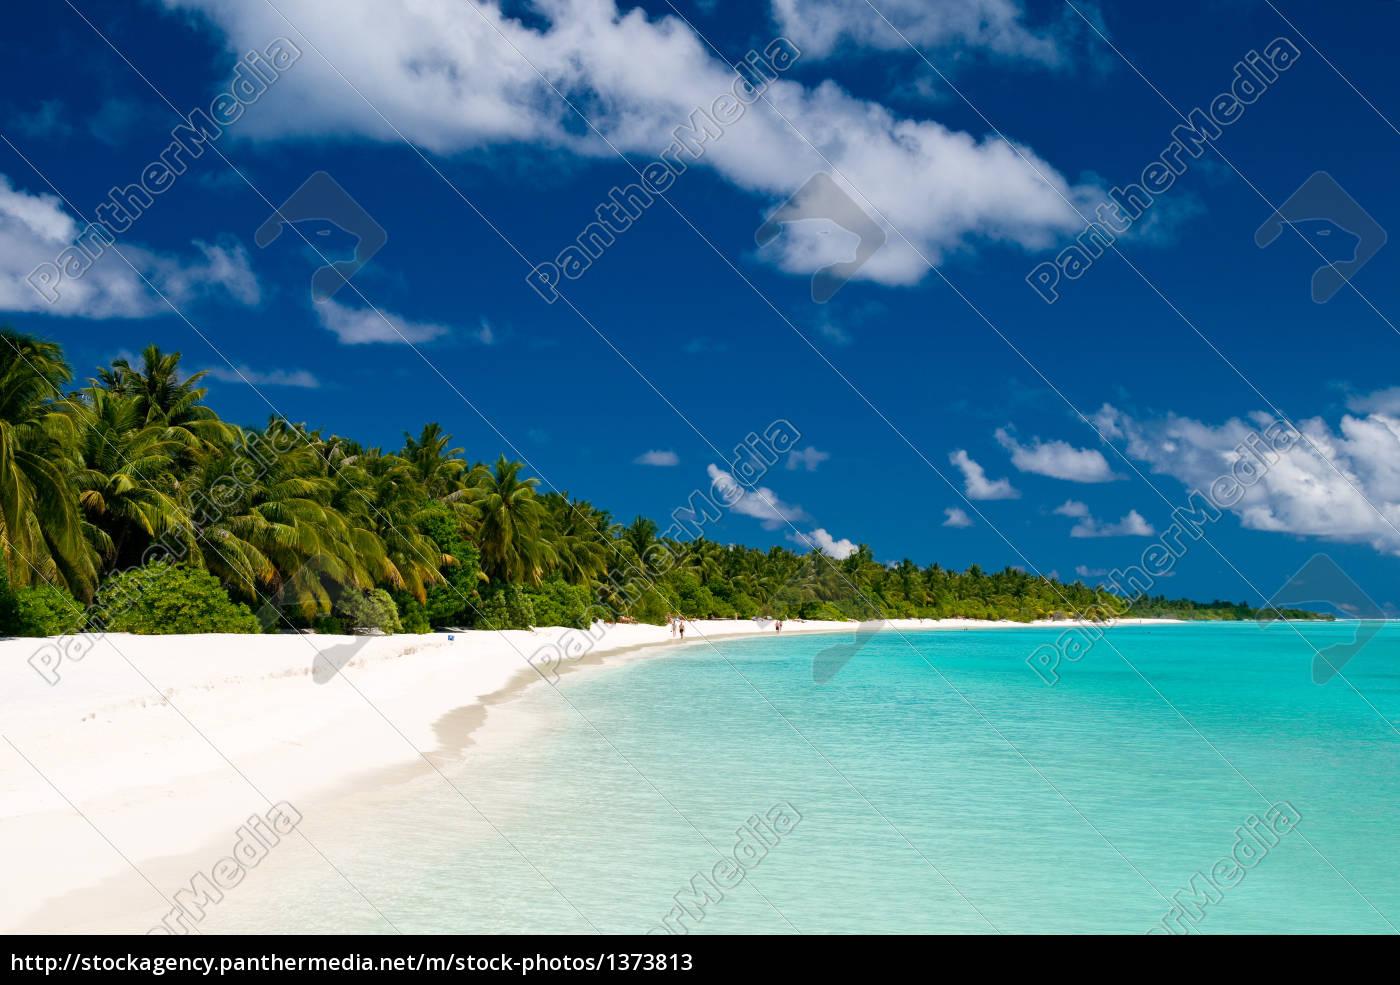 tropical, dream, beach - 1373813